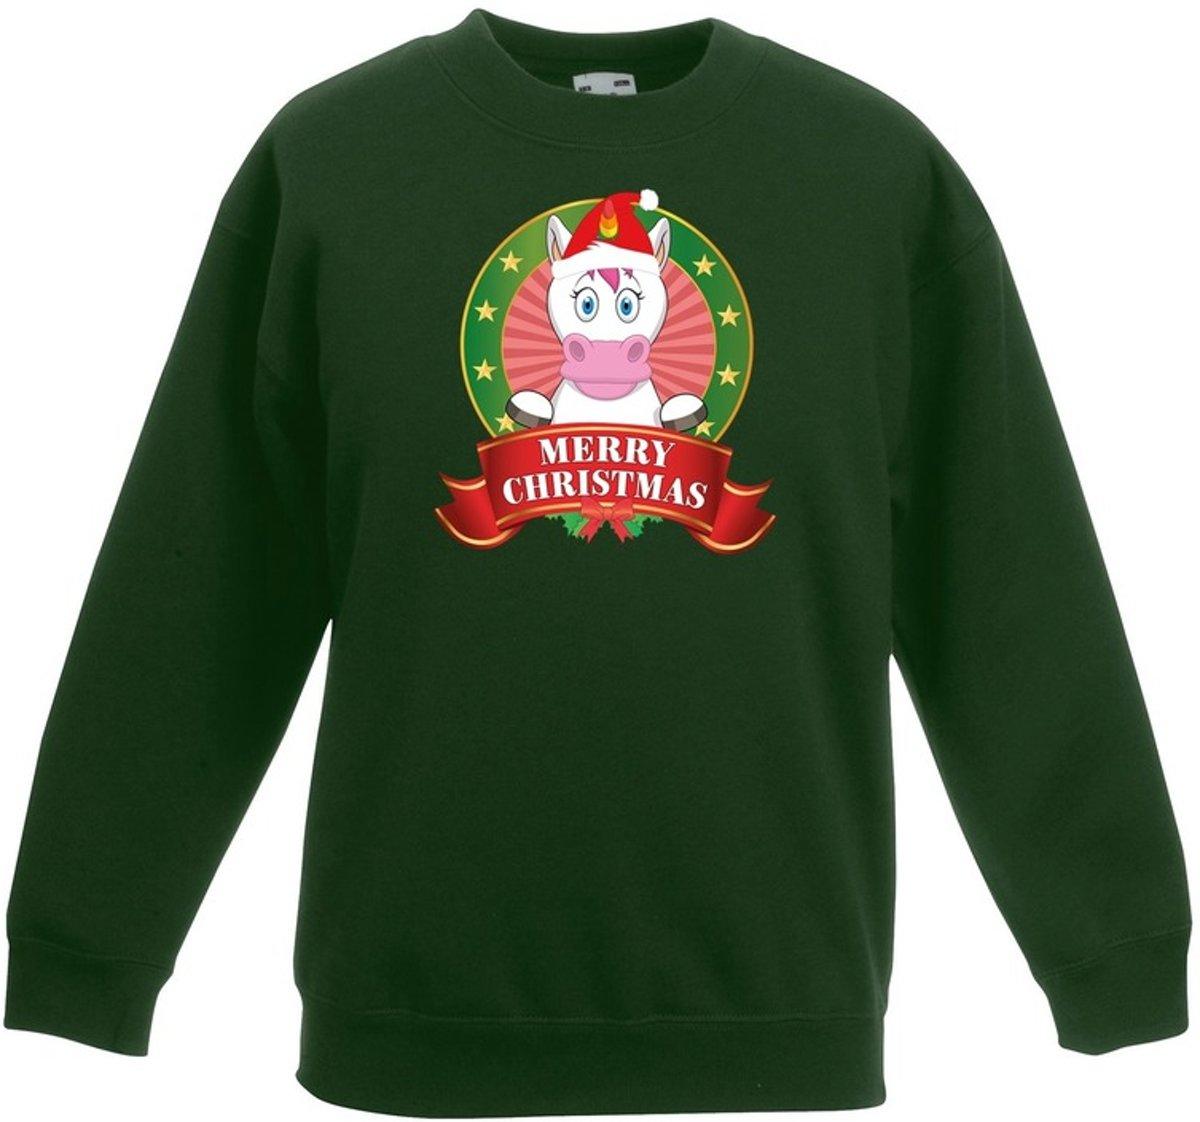 Groene kersttrui met een eenhoorn jongens en meisjes - Kerstruien kind 7-8 jaar (122/128) kopen